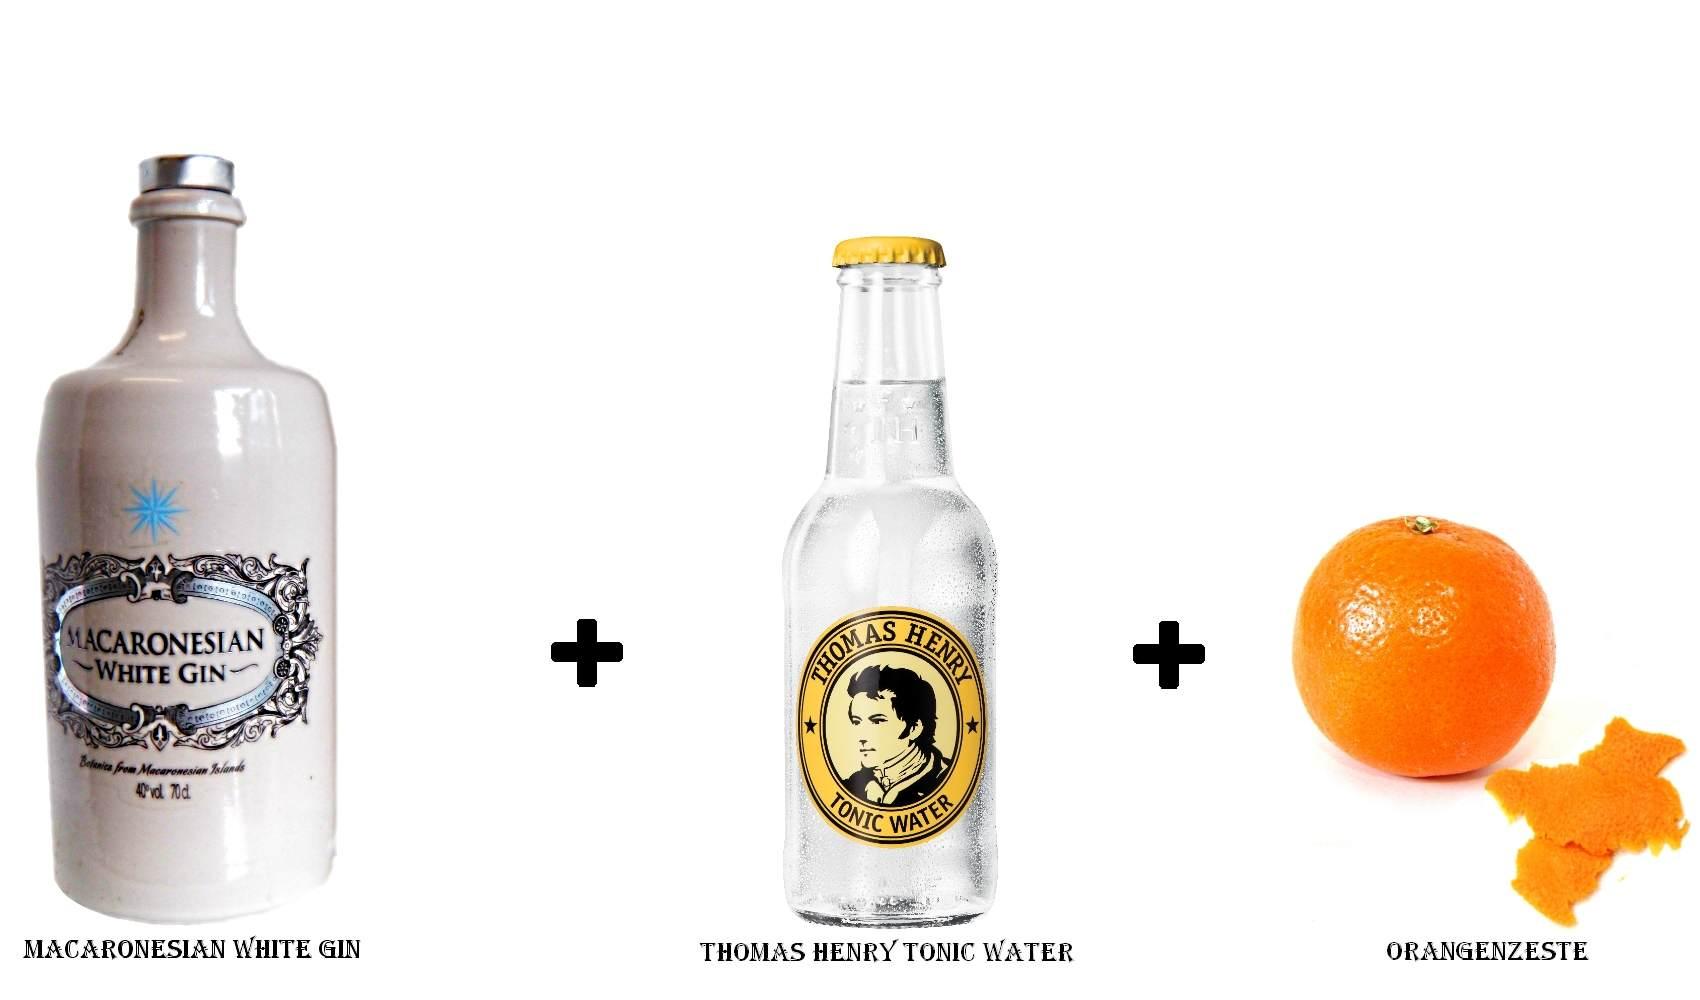 Macaronesian White Gin + Thomas Henry Tonic Water + Orangenzeste